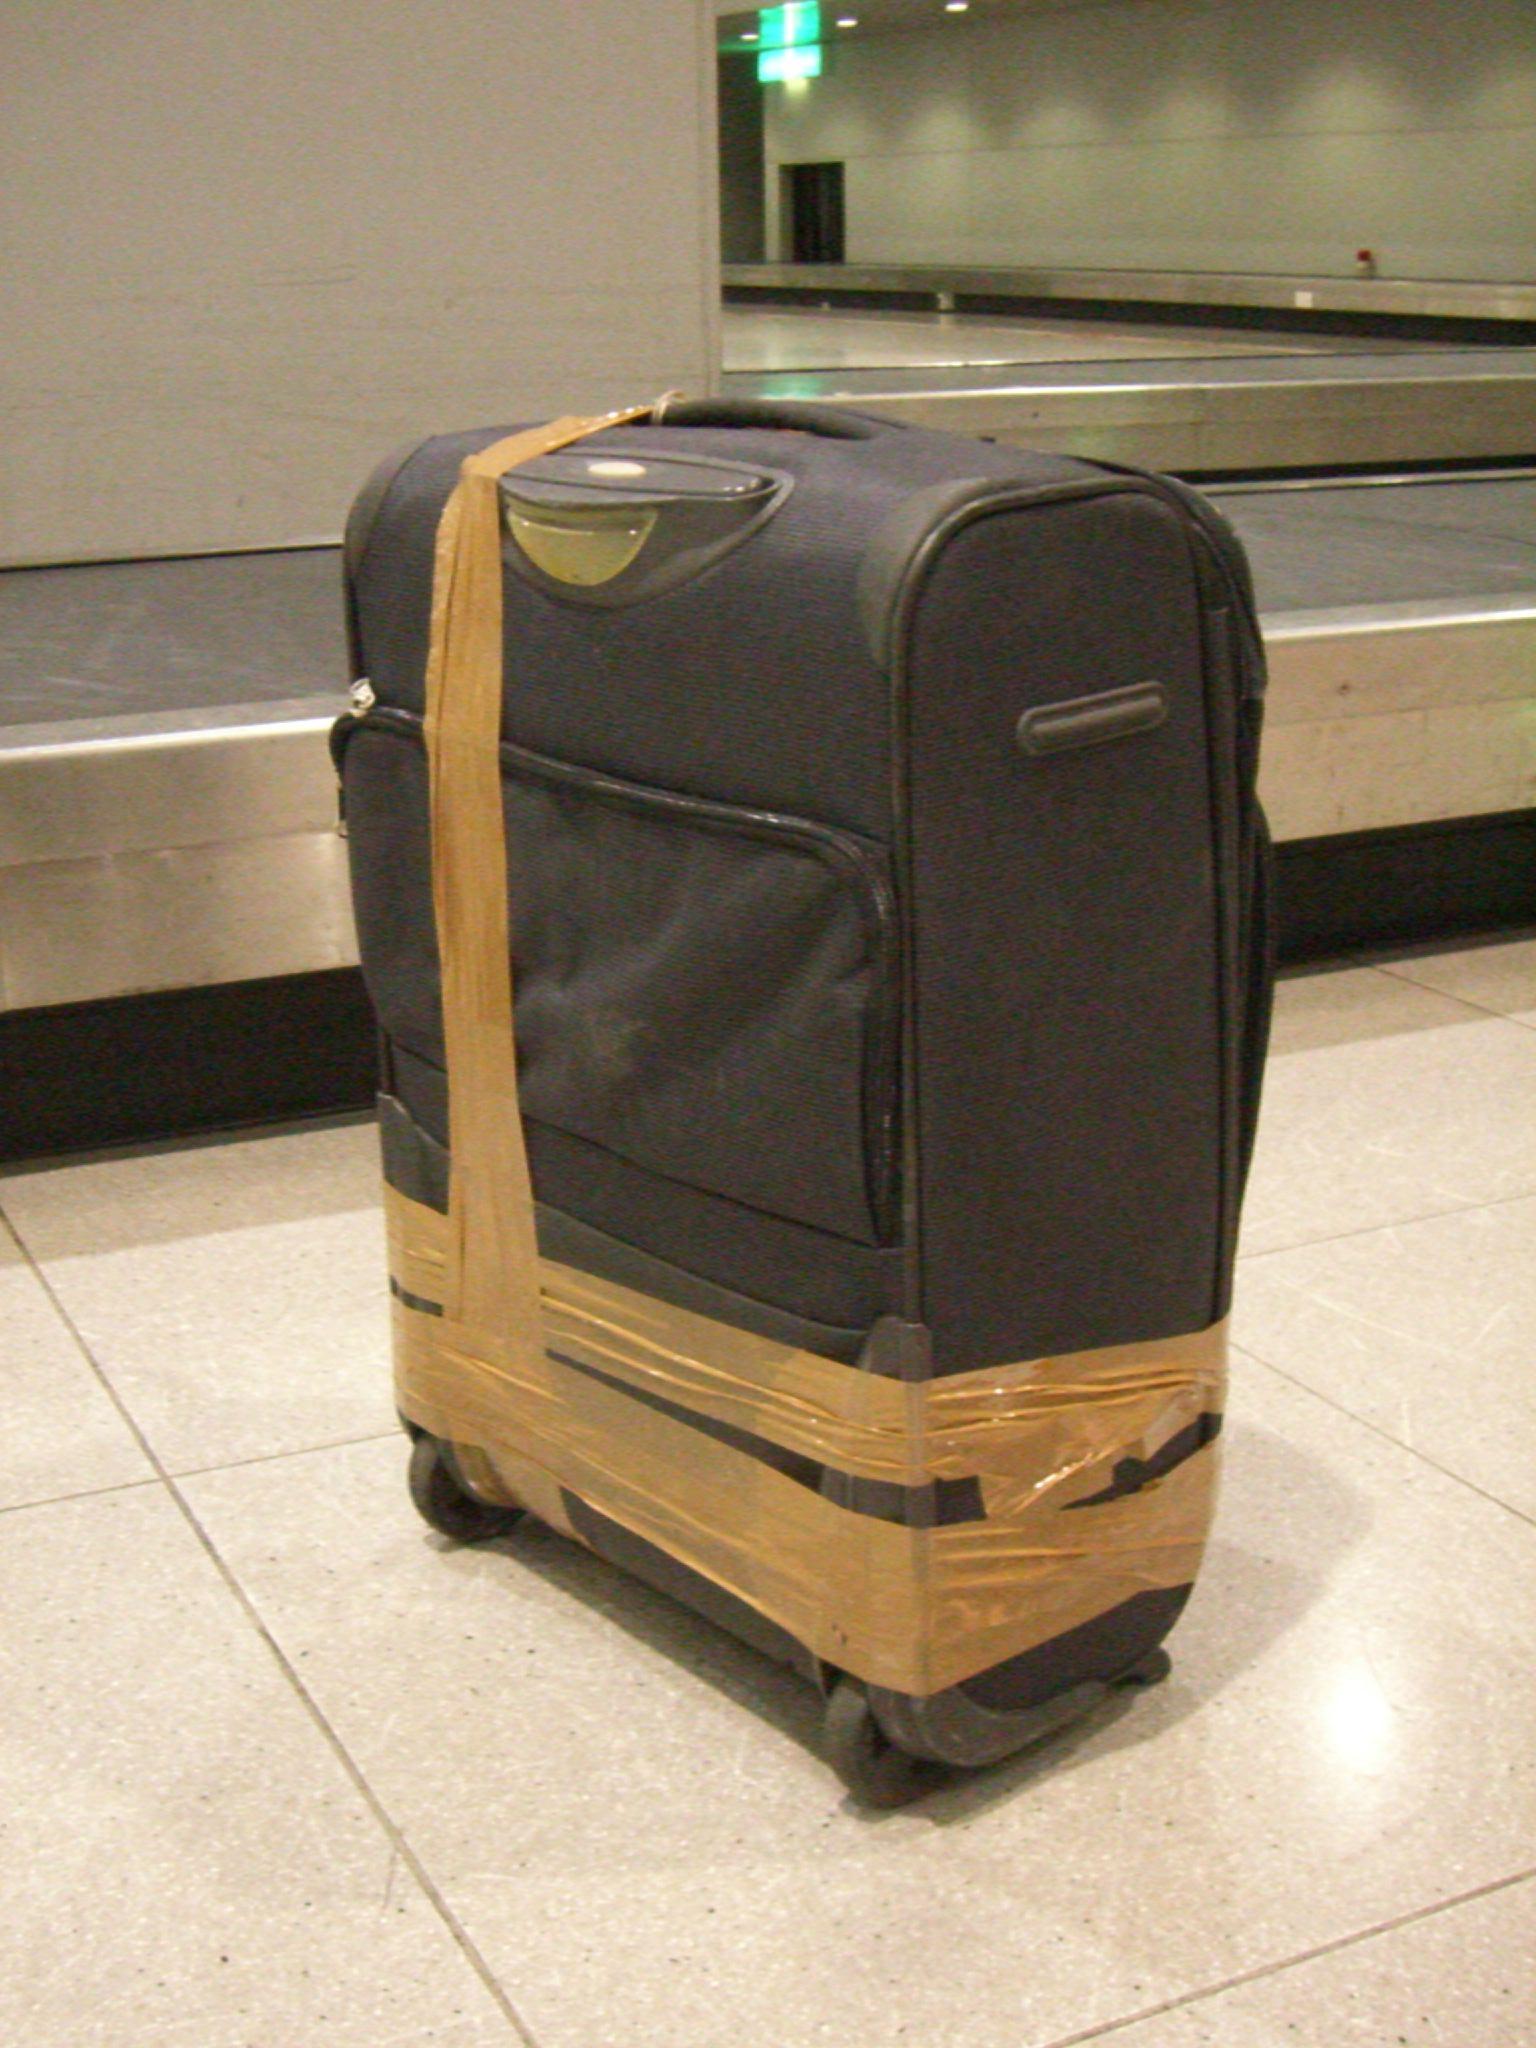 risarcimento bagaglio danneggiato